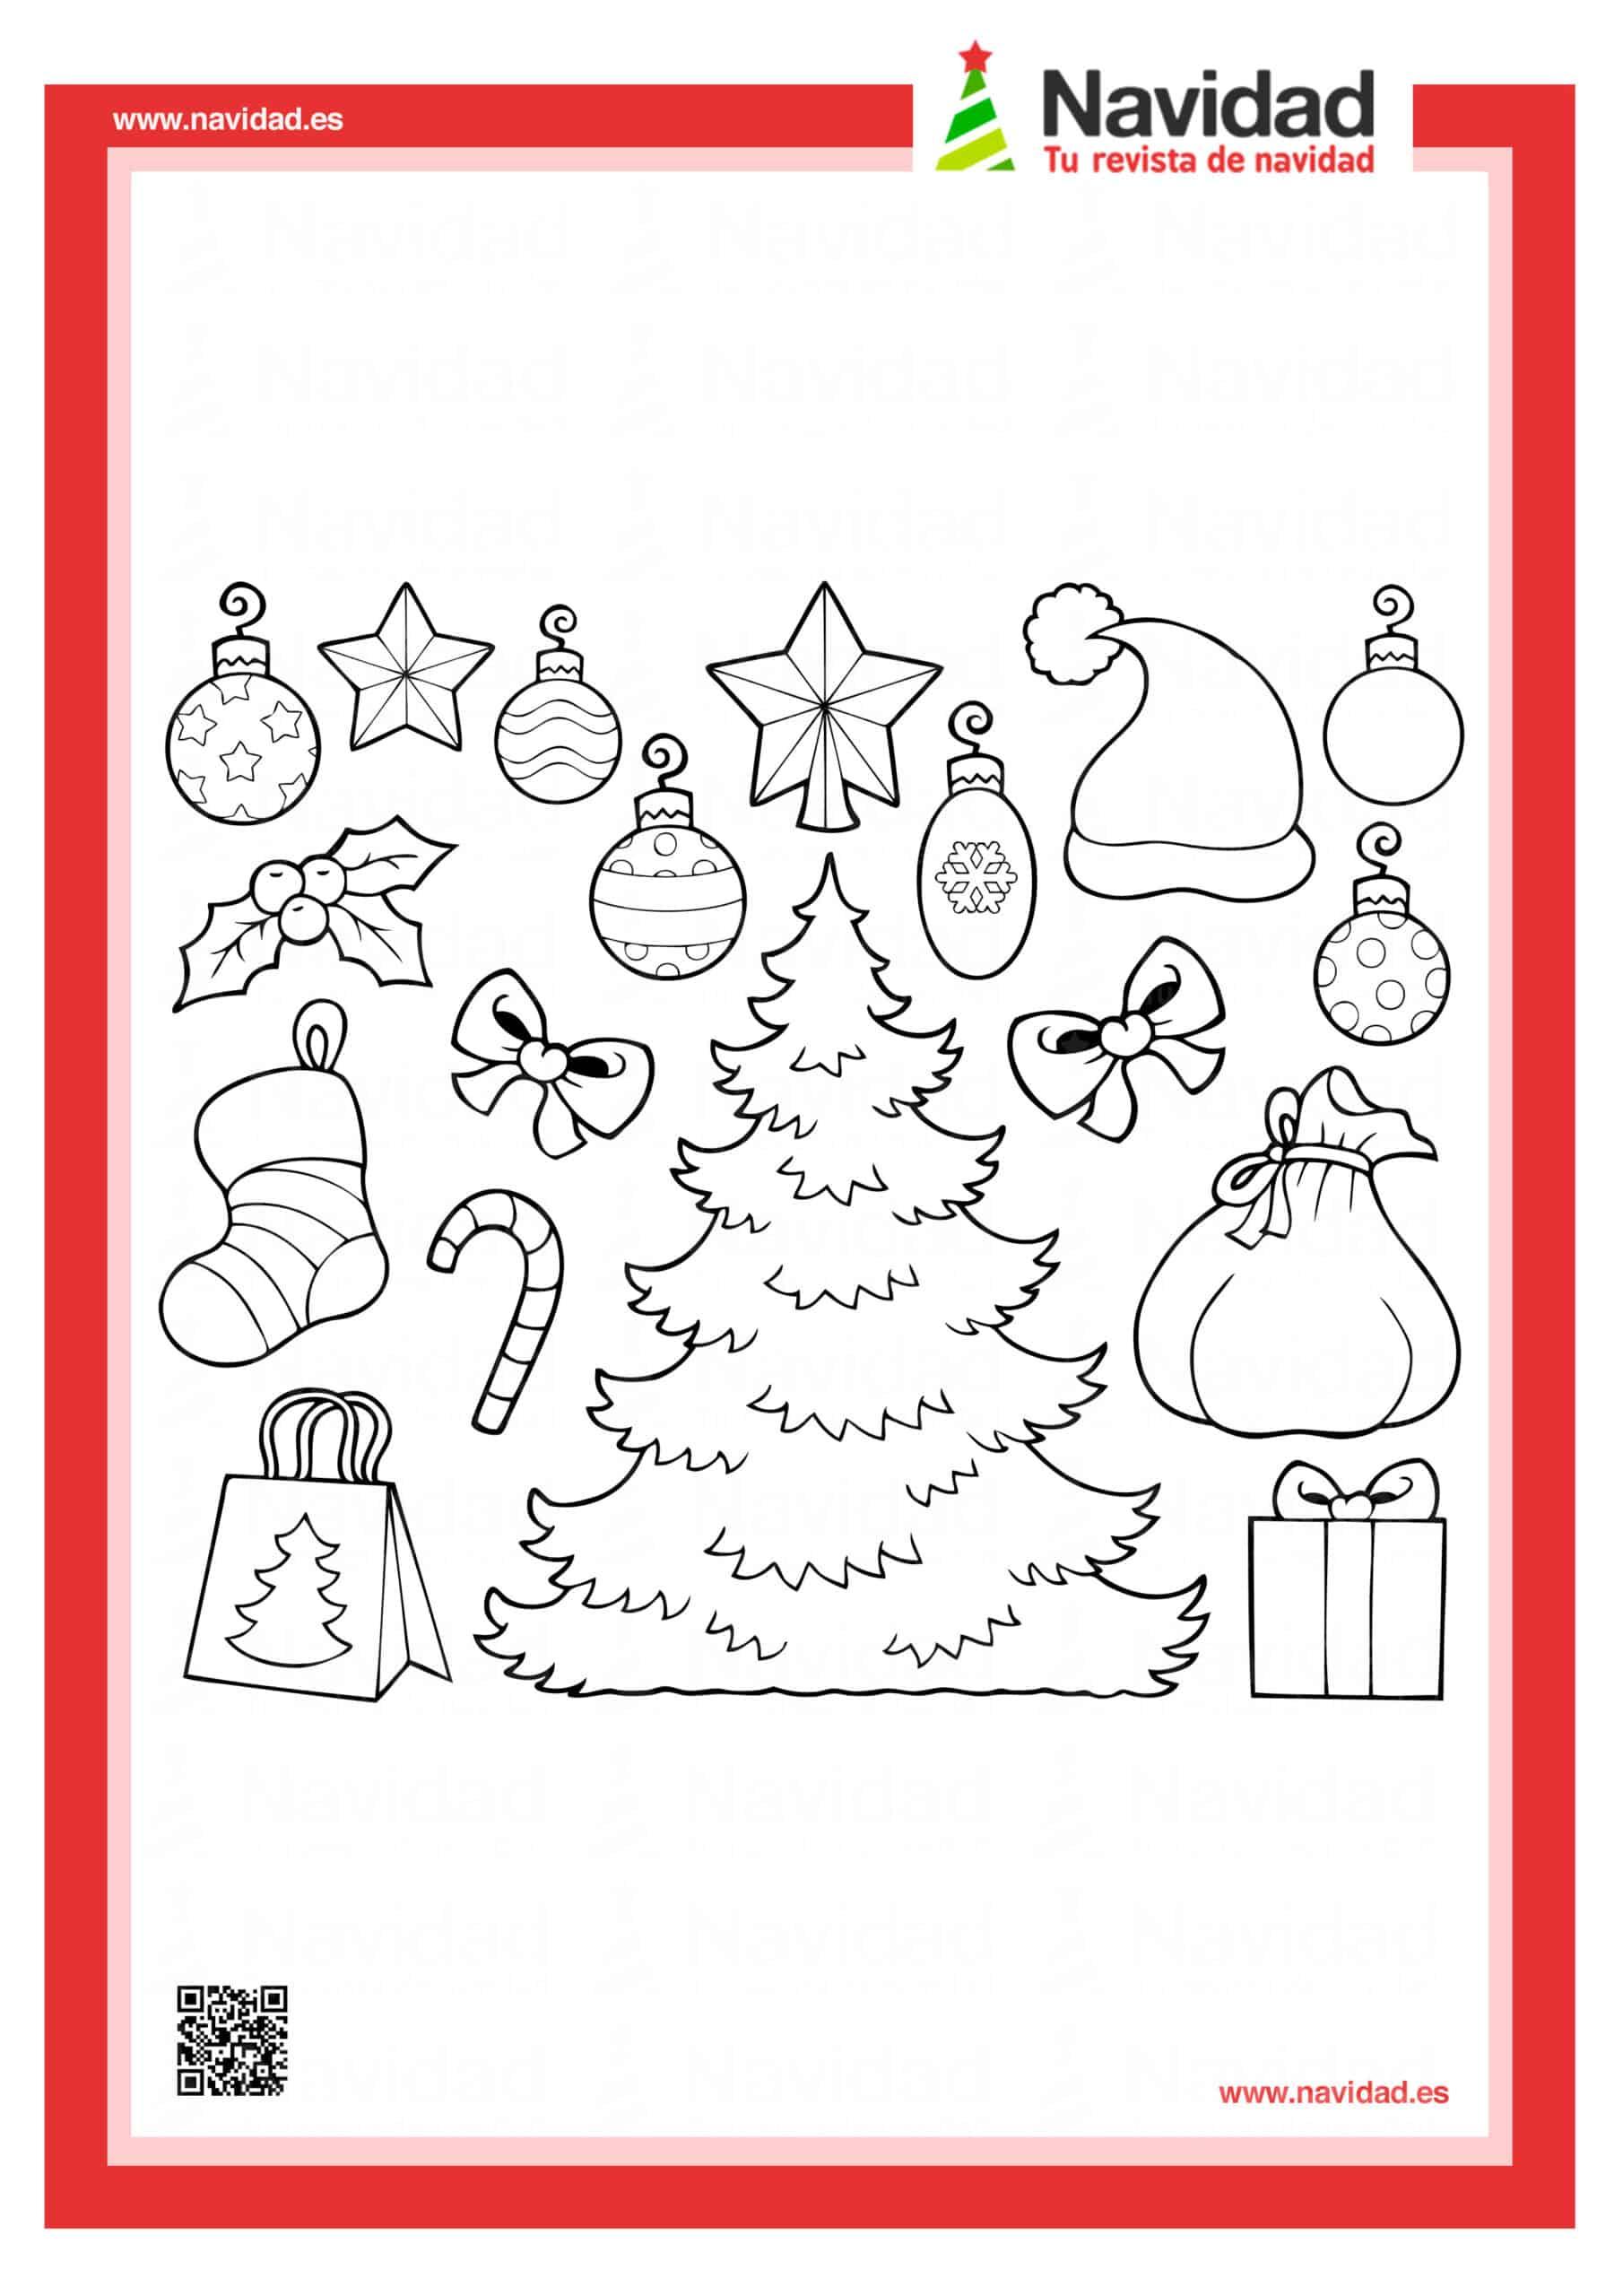 Dibujos navideños para colorear con los hijos esta Navidad 10